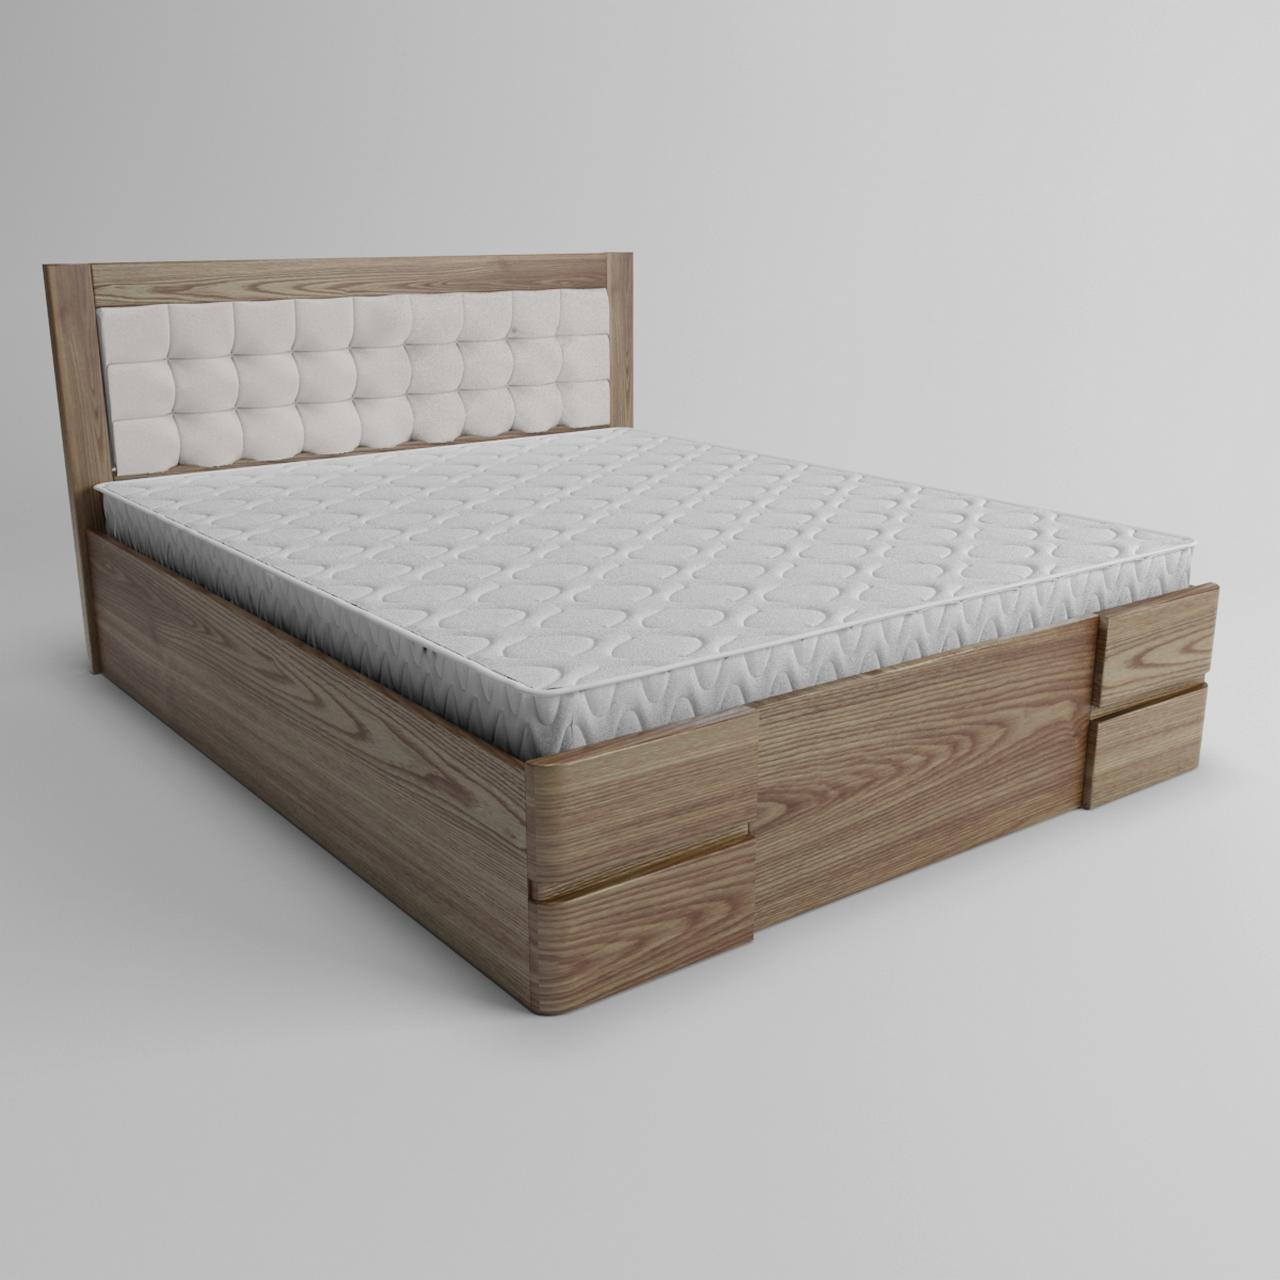 Кровать деревянная двуспальная Регина с подъемным механизмом (массив ясеня)